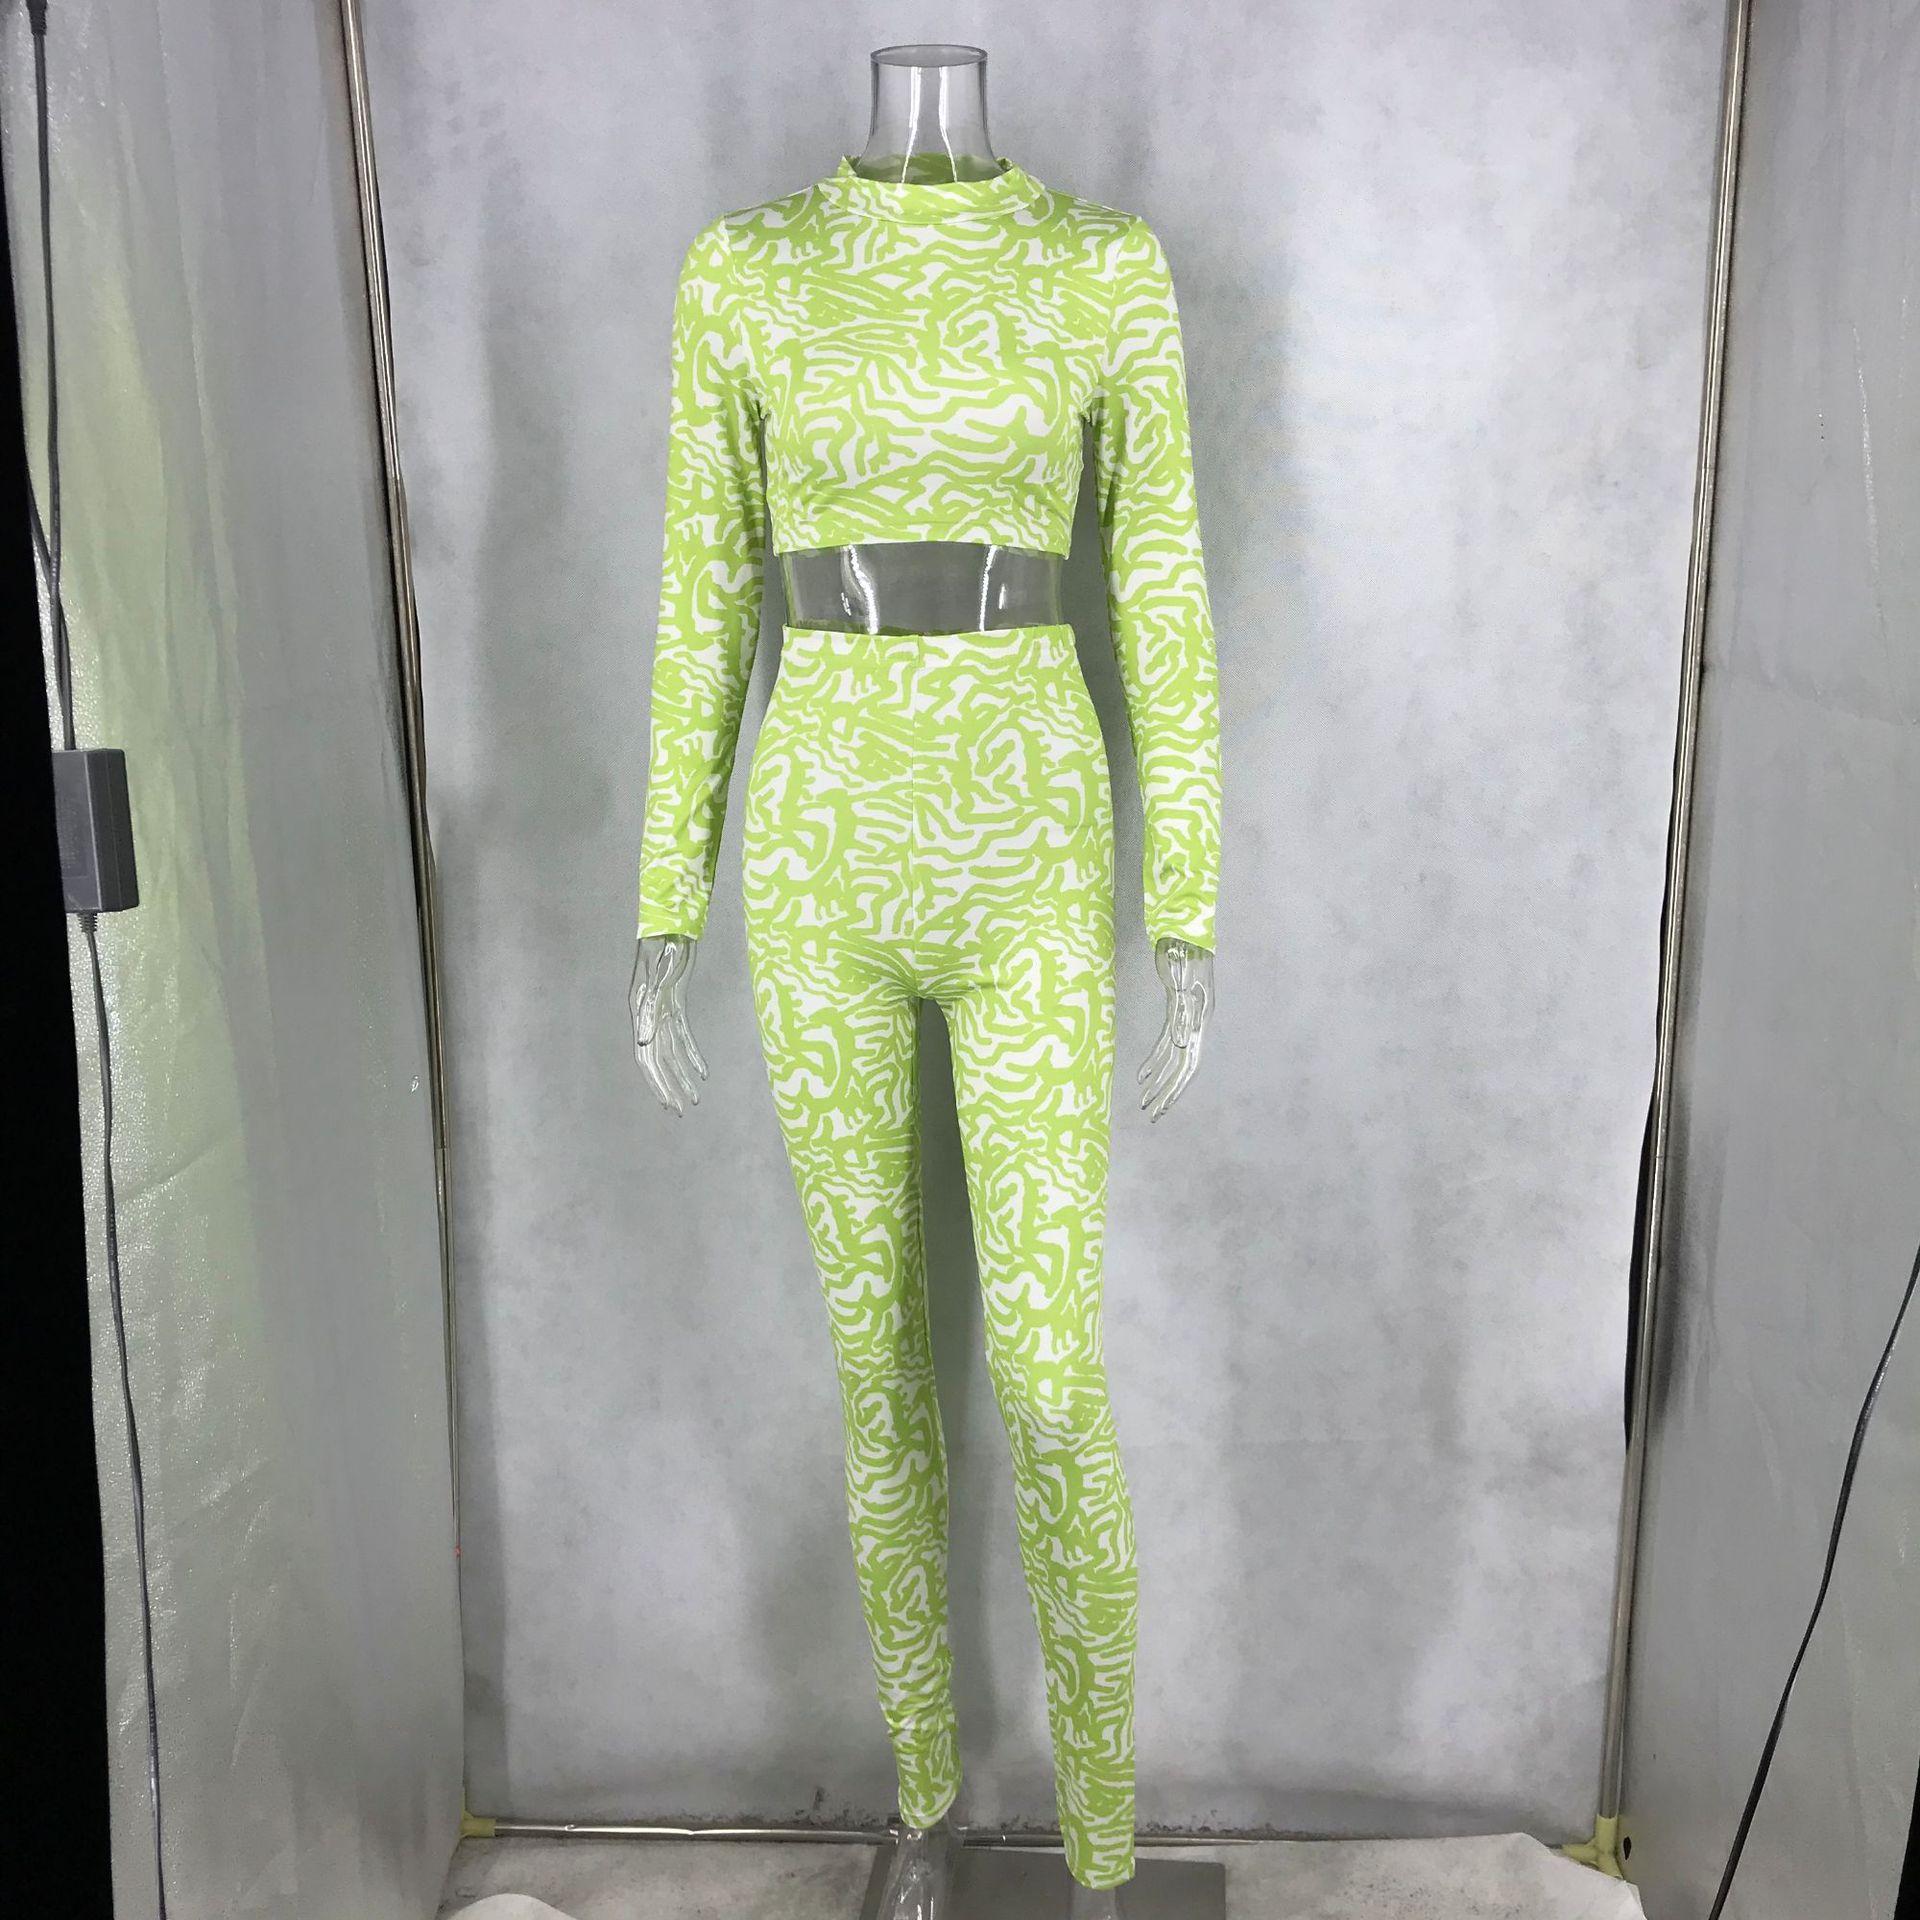 BOOFEENAA, модный сексуальный комплект из двух предметов с принтом, топ и штаны, для женщин, осень 2020, модные одинаковые комплекты, Kyliejenner, наряды, ...(Китай)